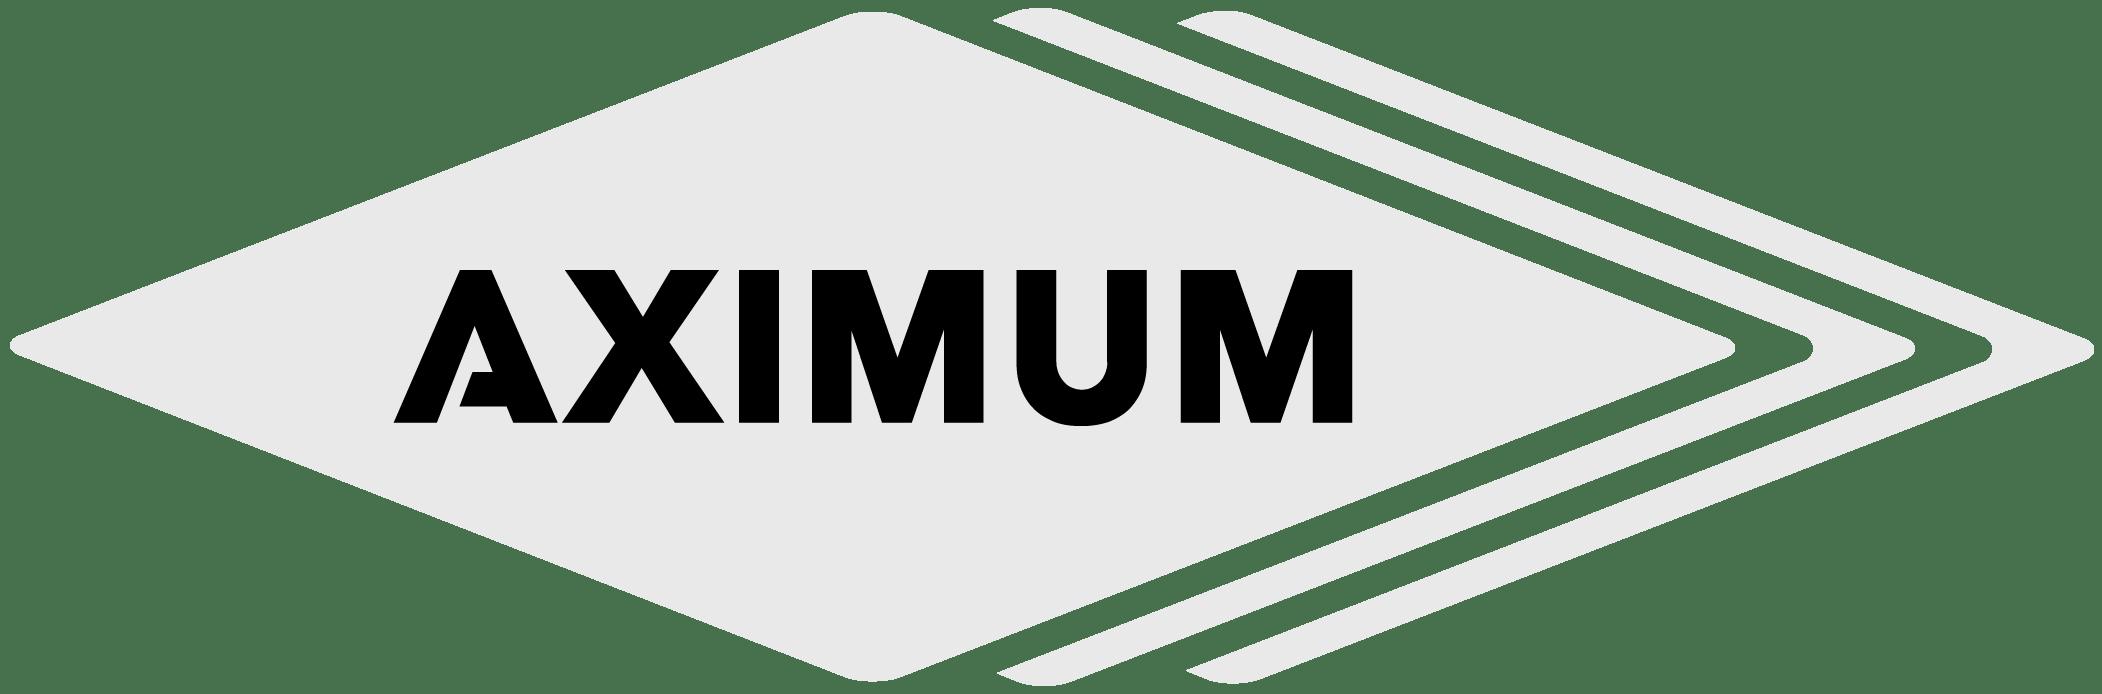 Aximum-logo copie